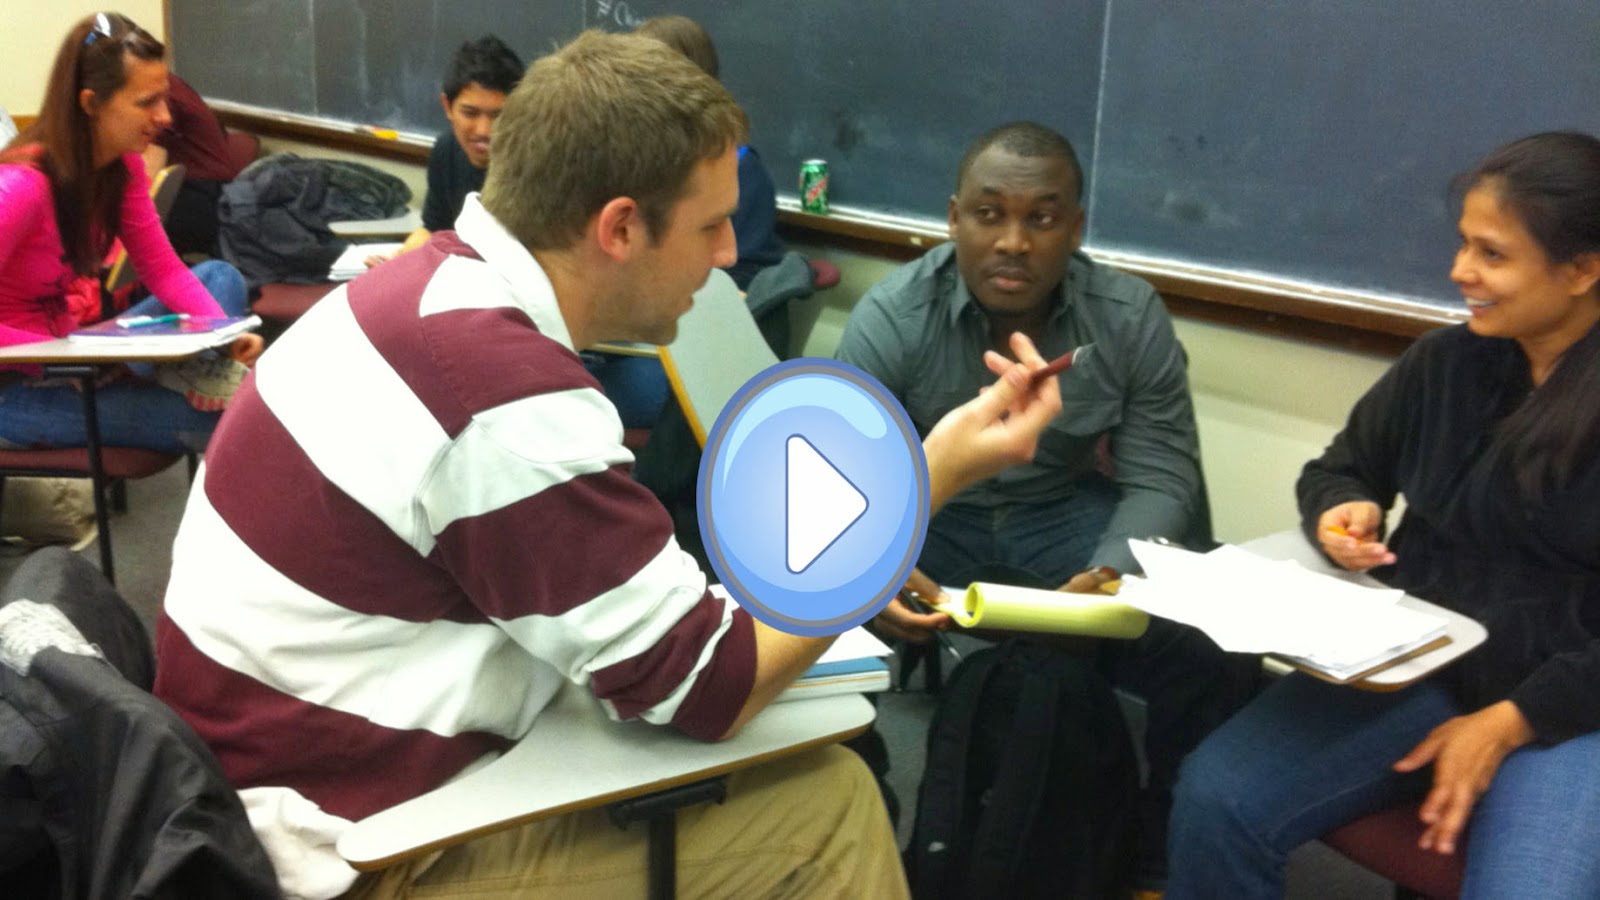 Idea 25 de 1000 ideas de tesis: ¿Cómo trabajar diferenciadamente en el aula de Matemáticas?